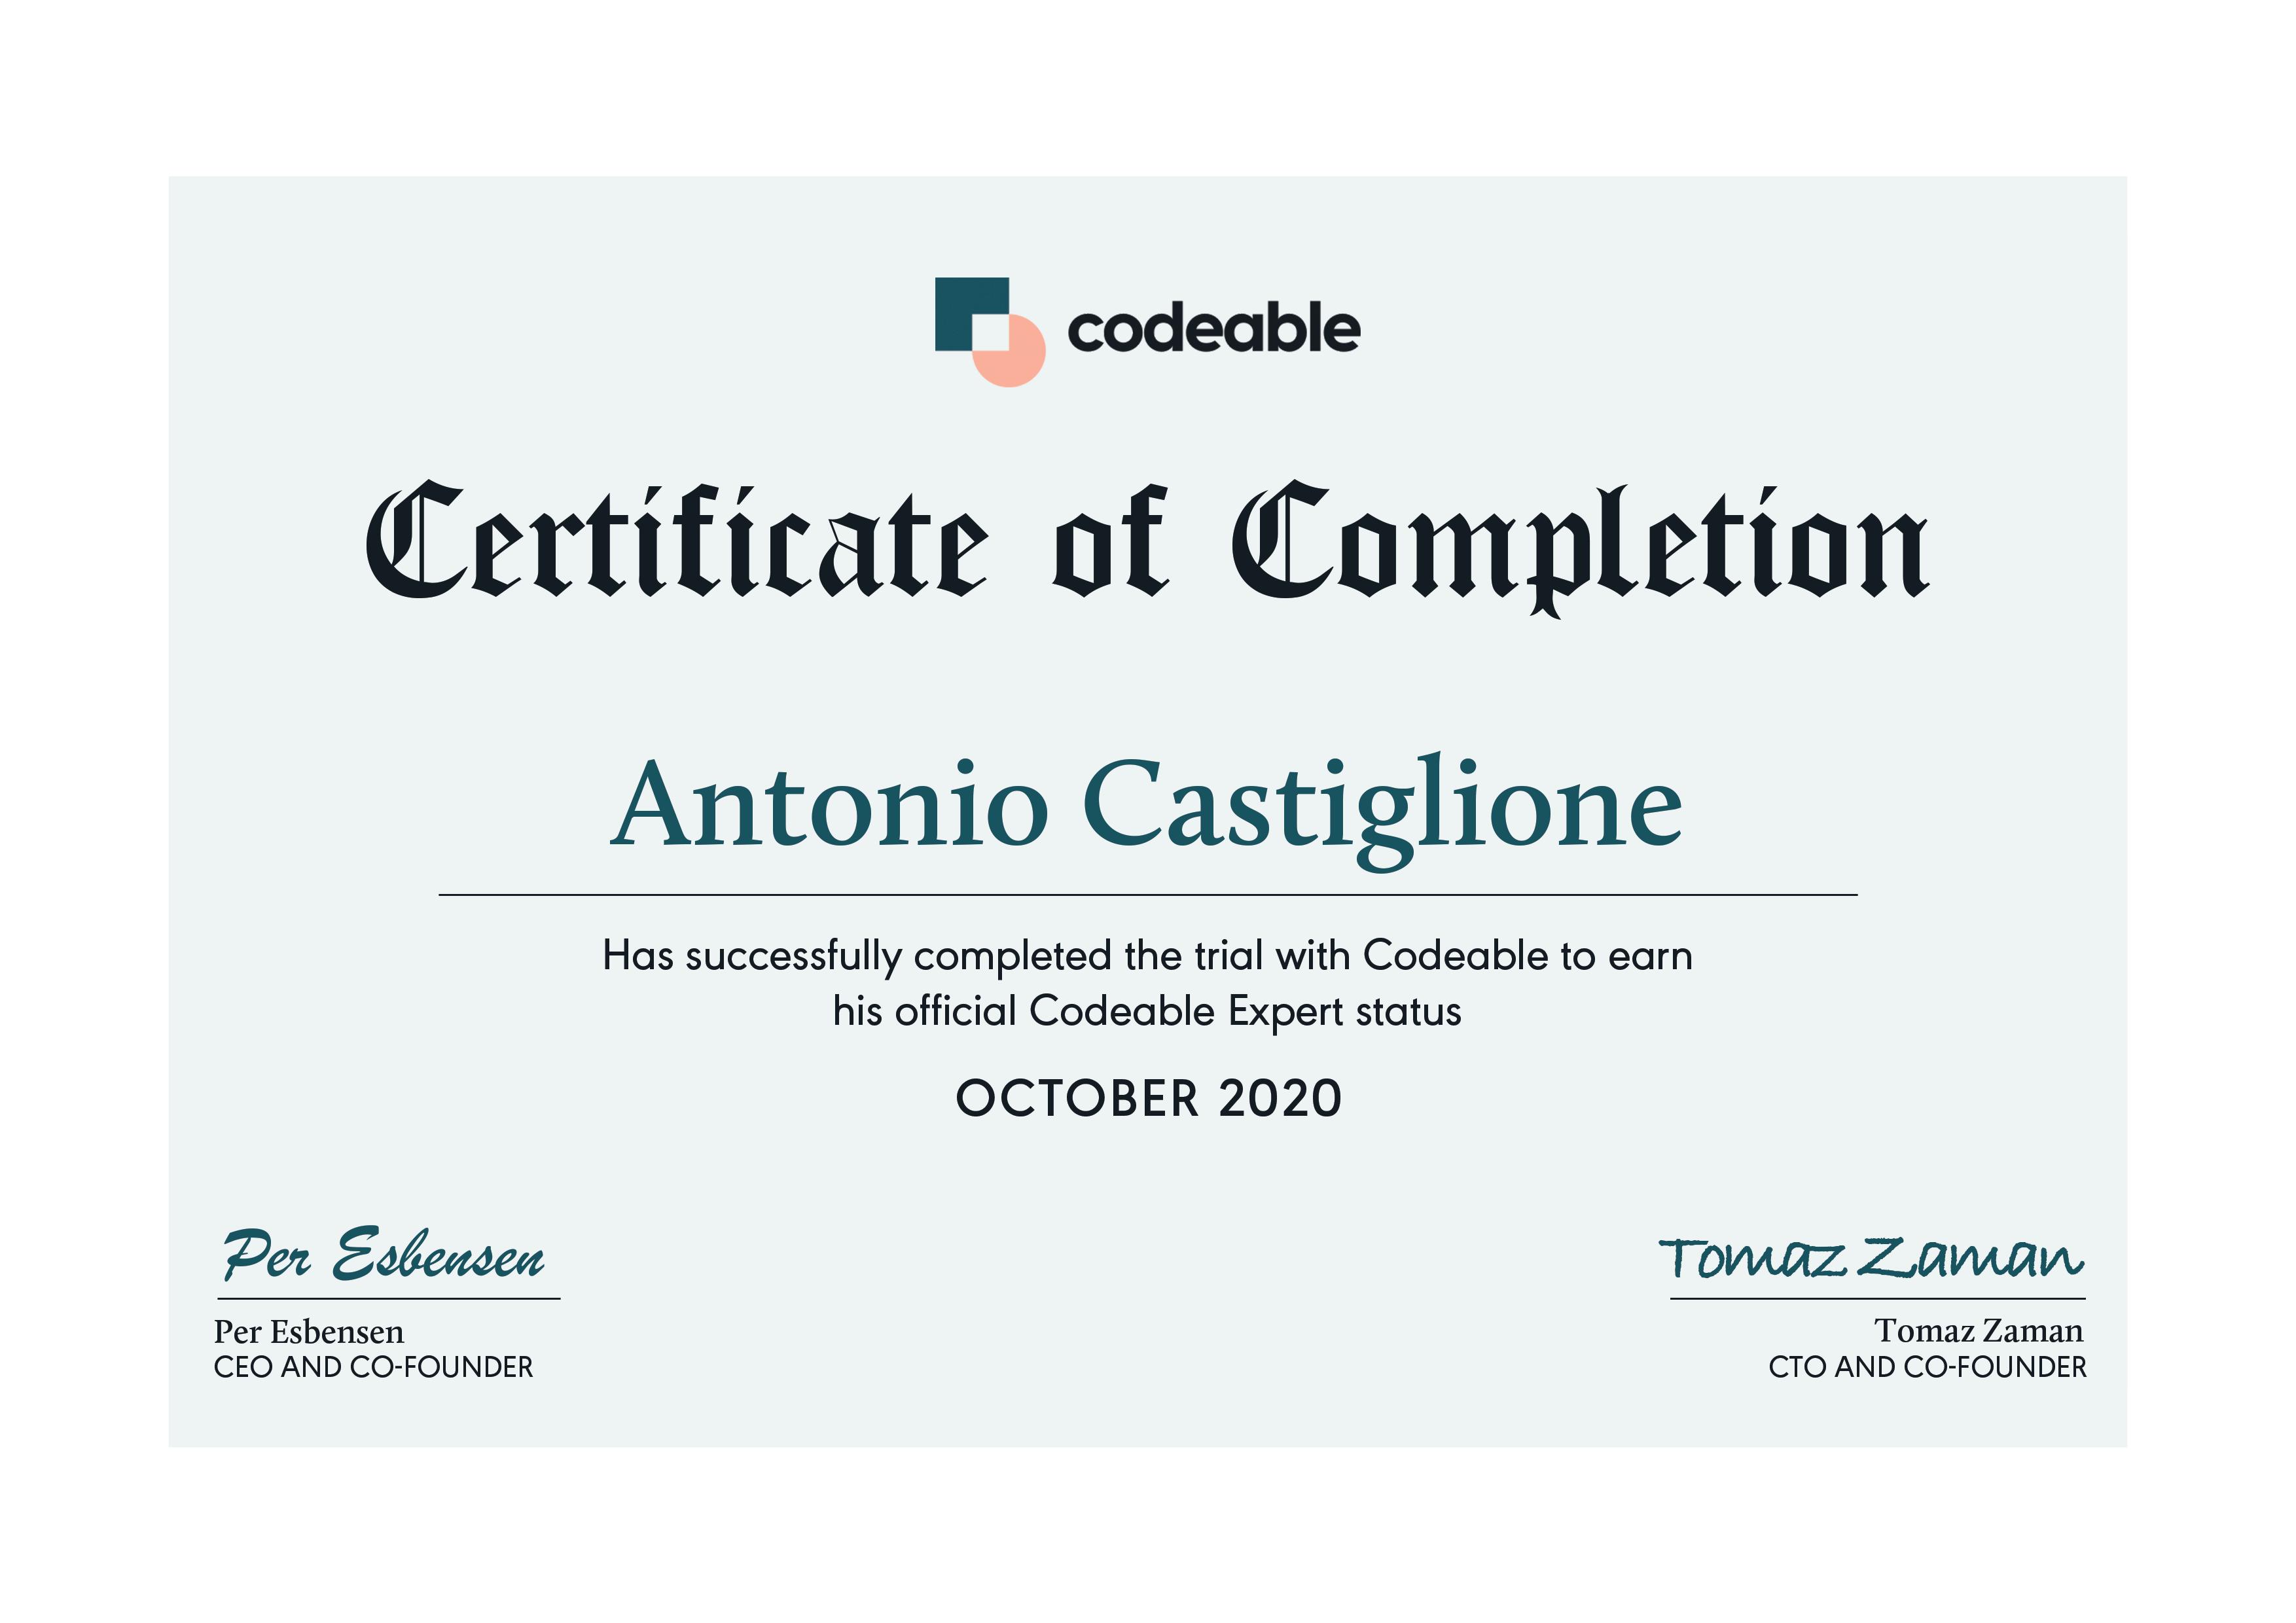 Antonio Castiglione - Certified Codeable Expert